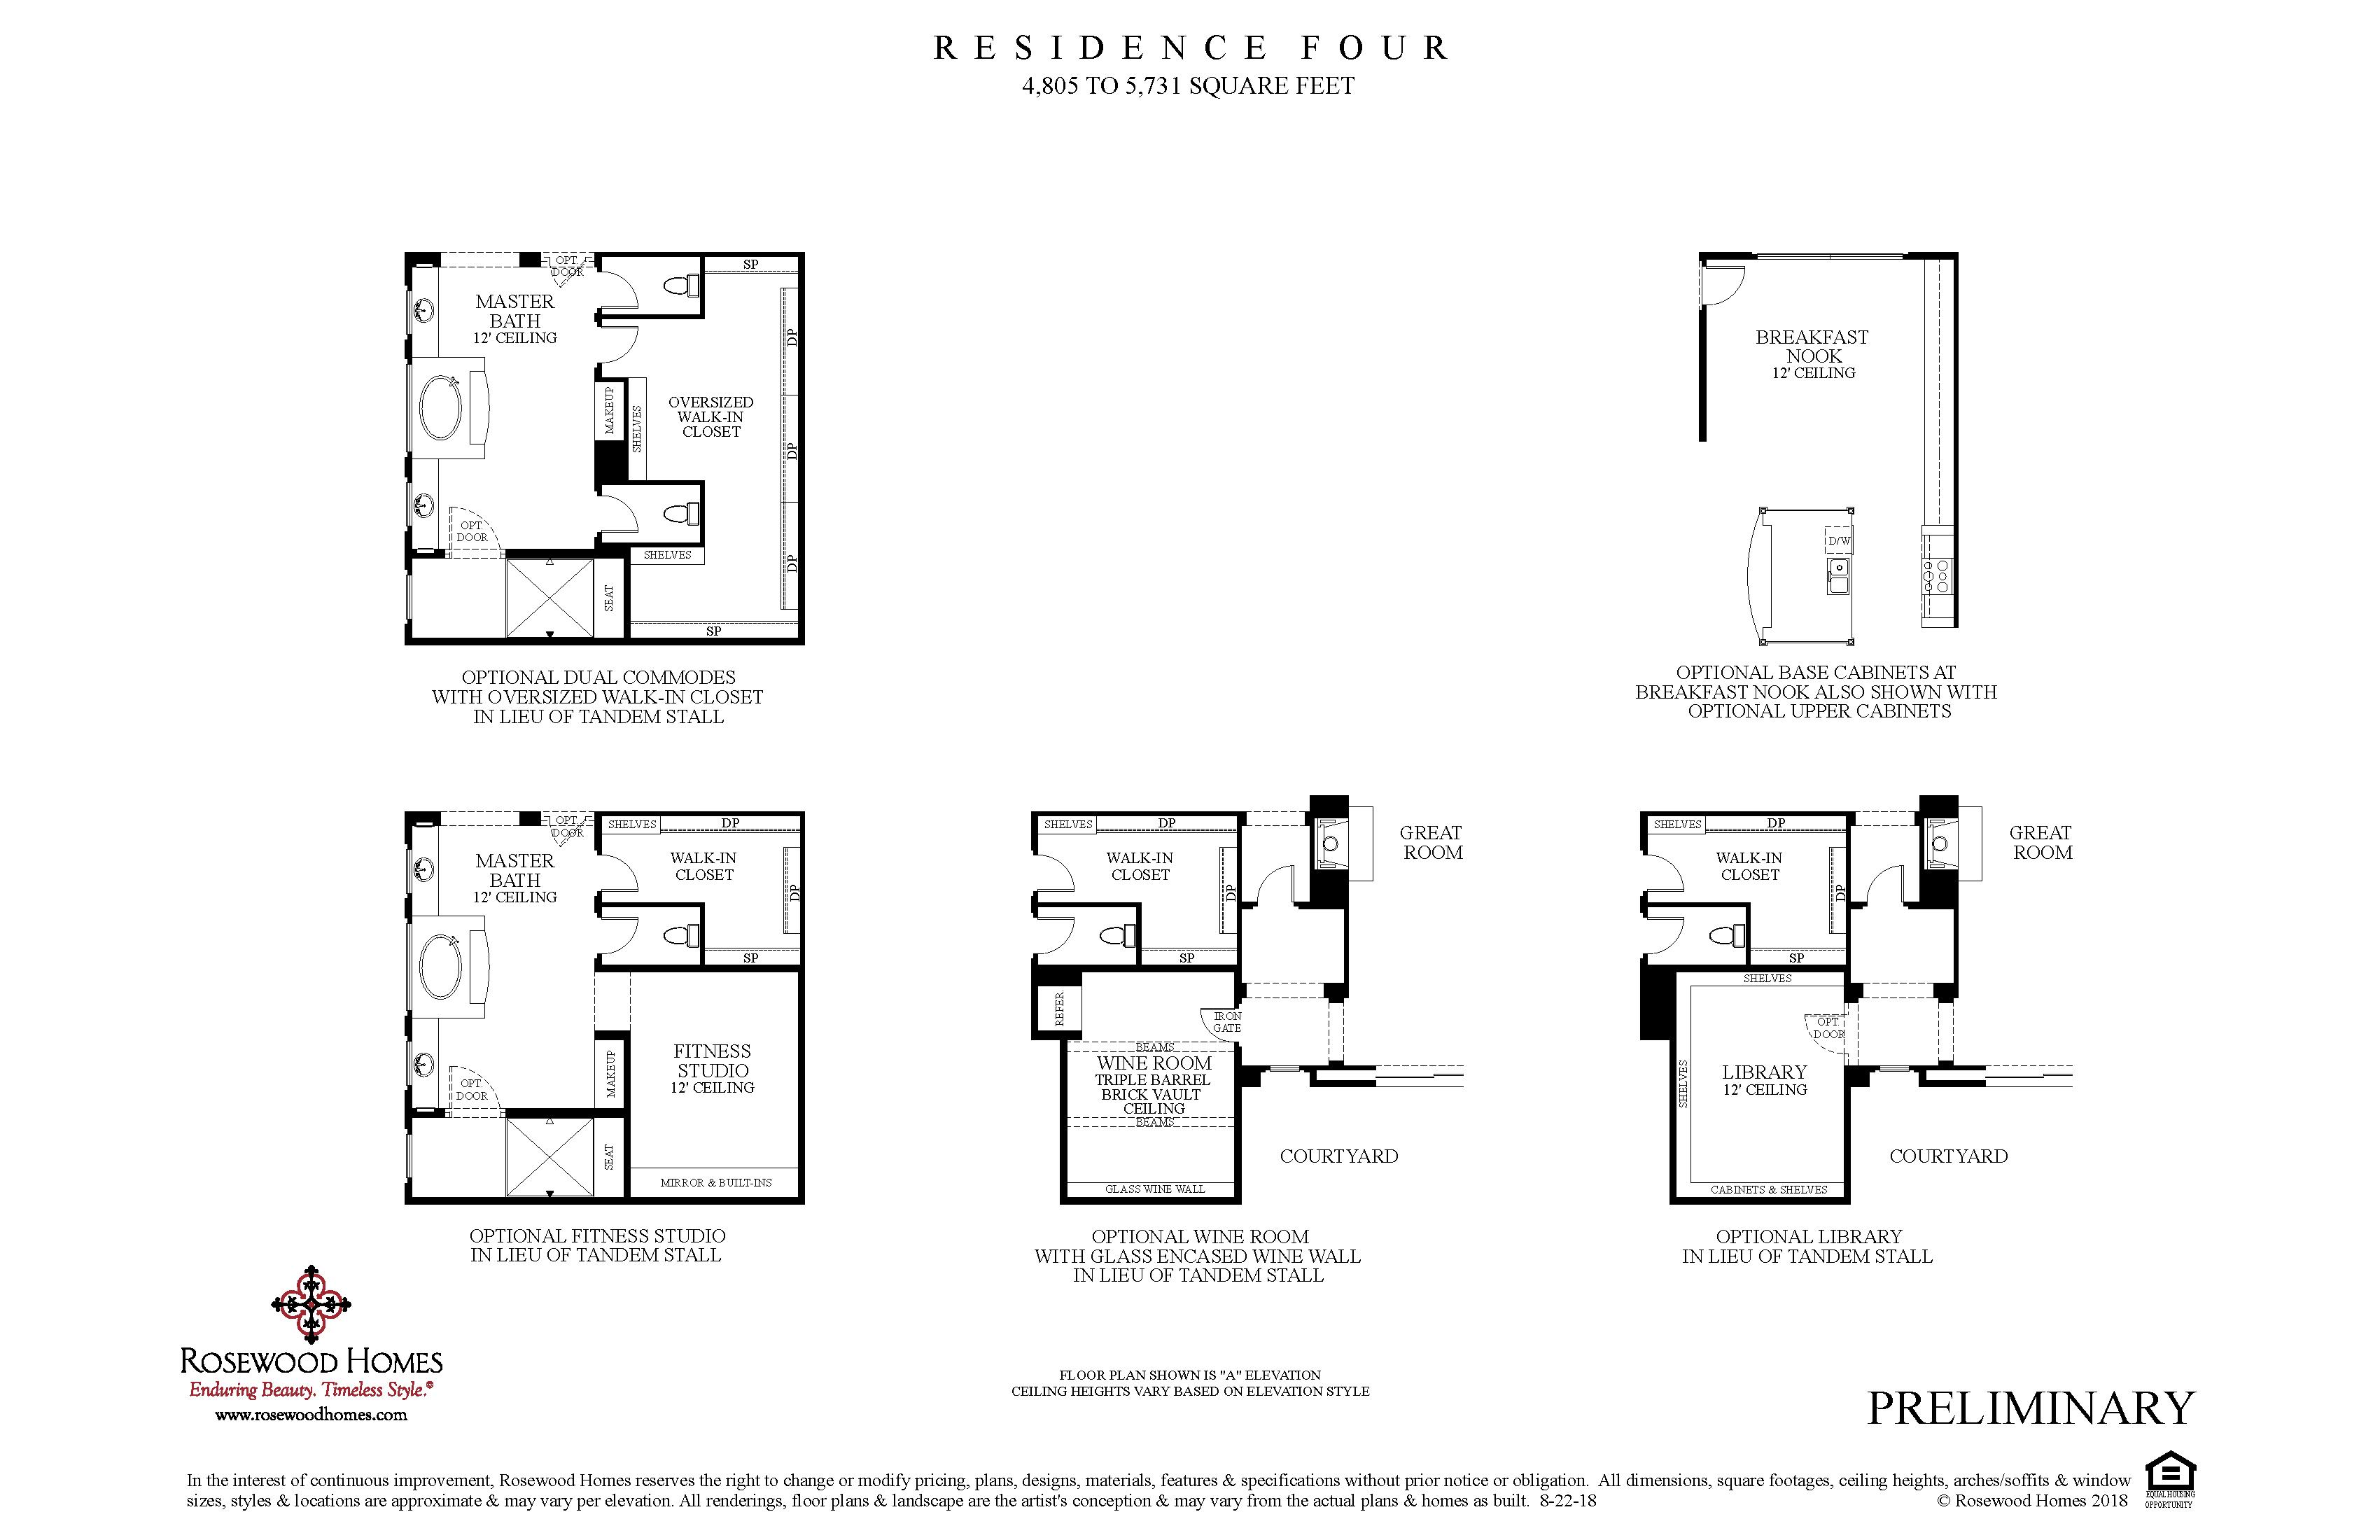 Residence Four Plan